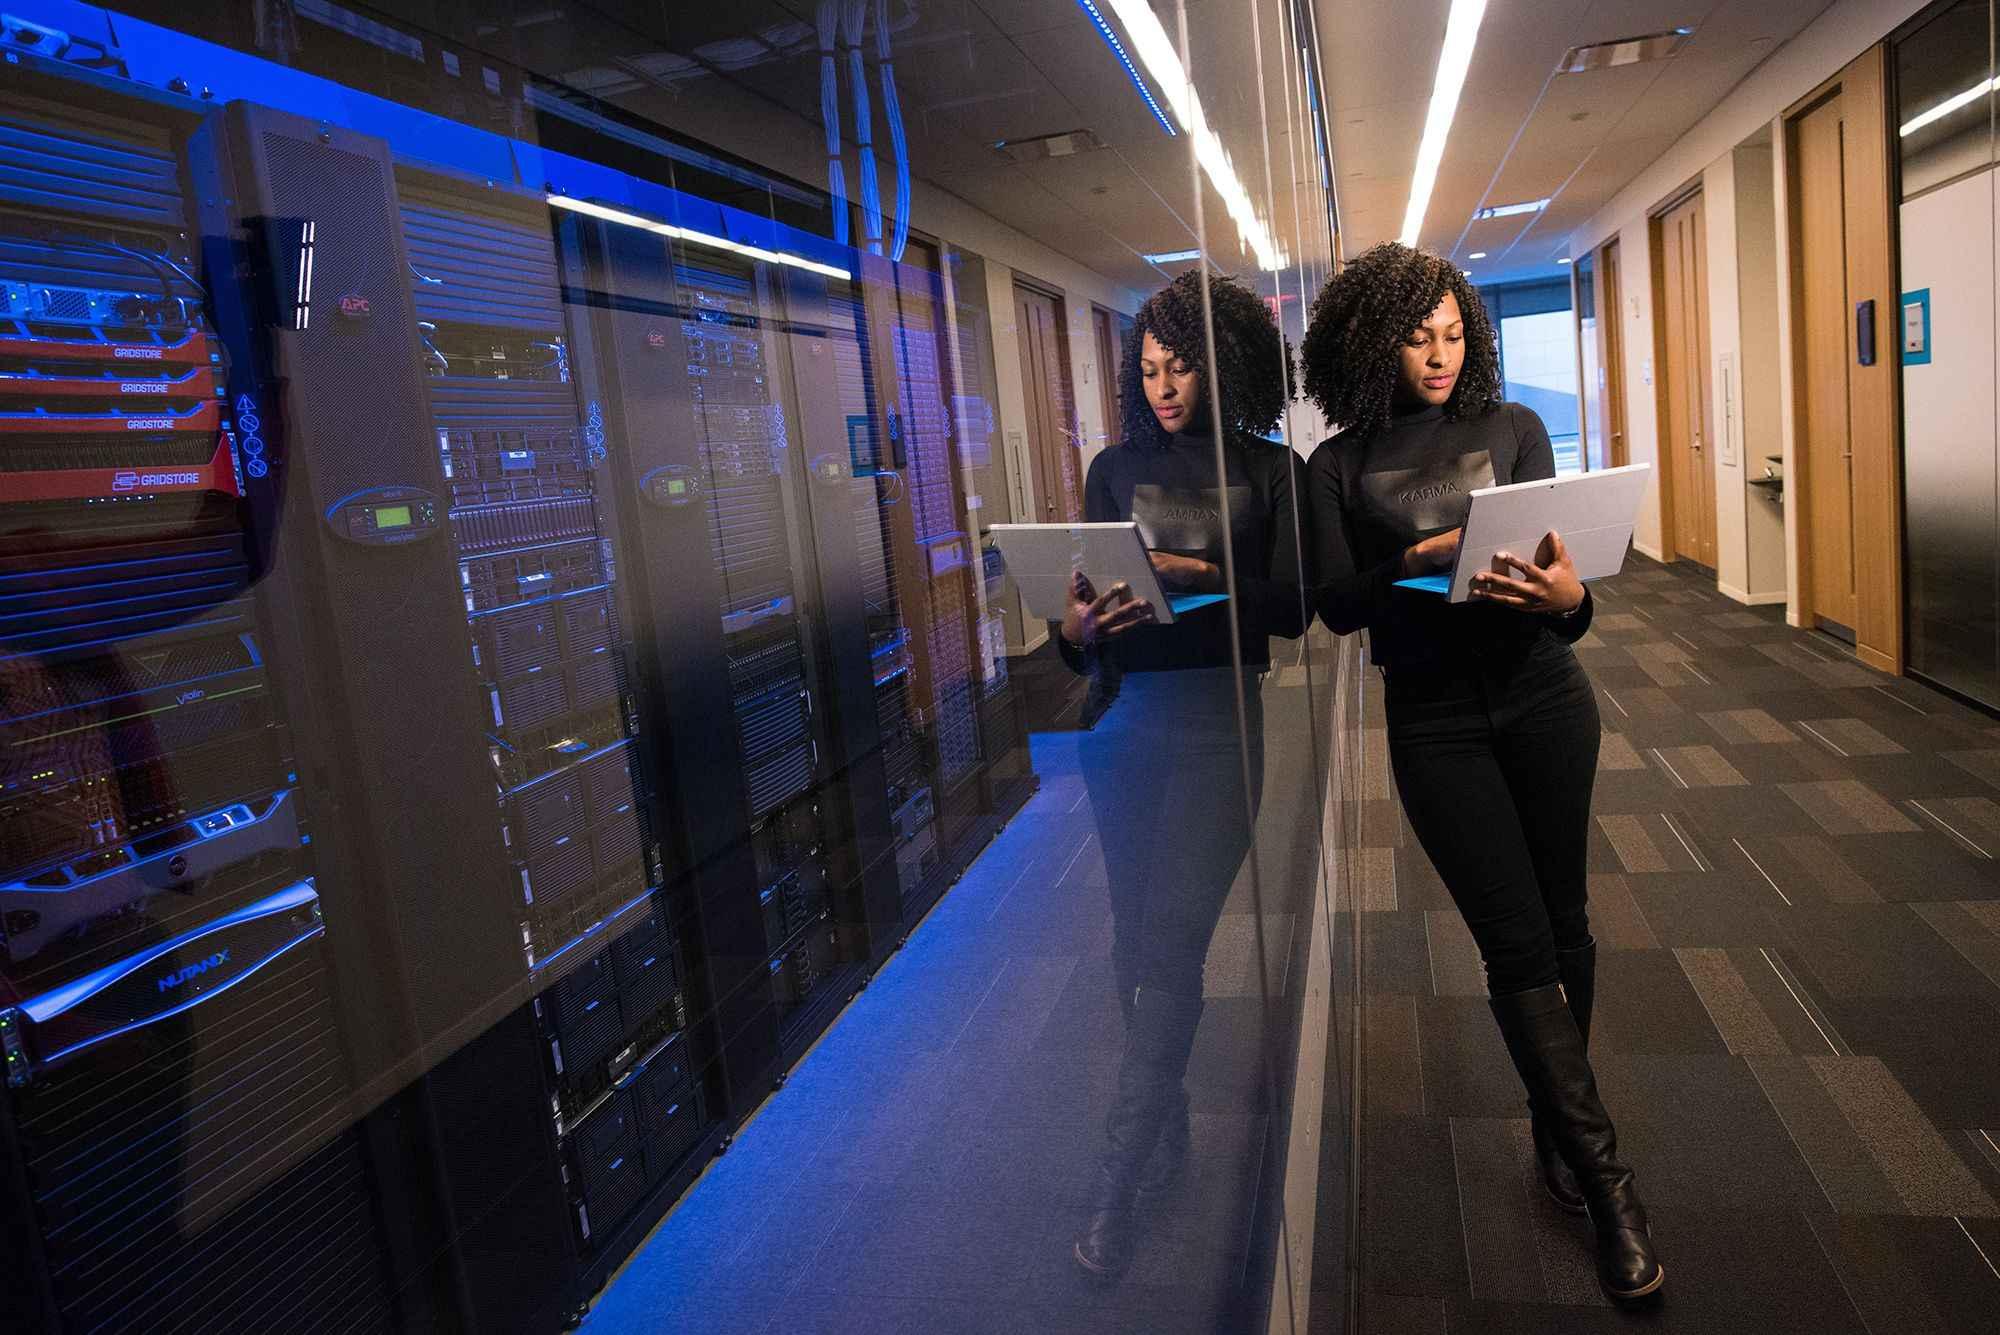 É possível prevenir a perda de dados na empresa?